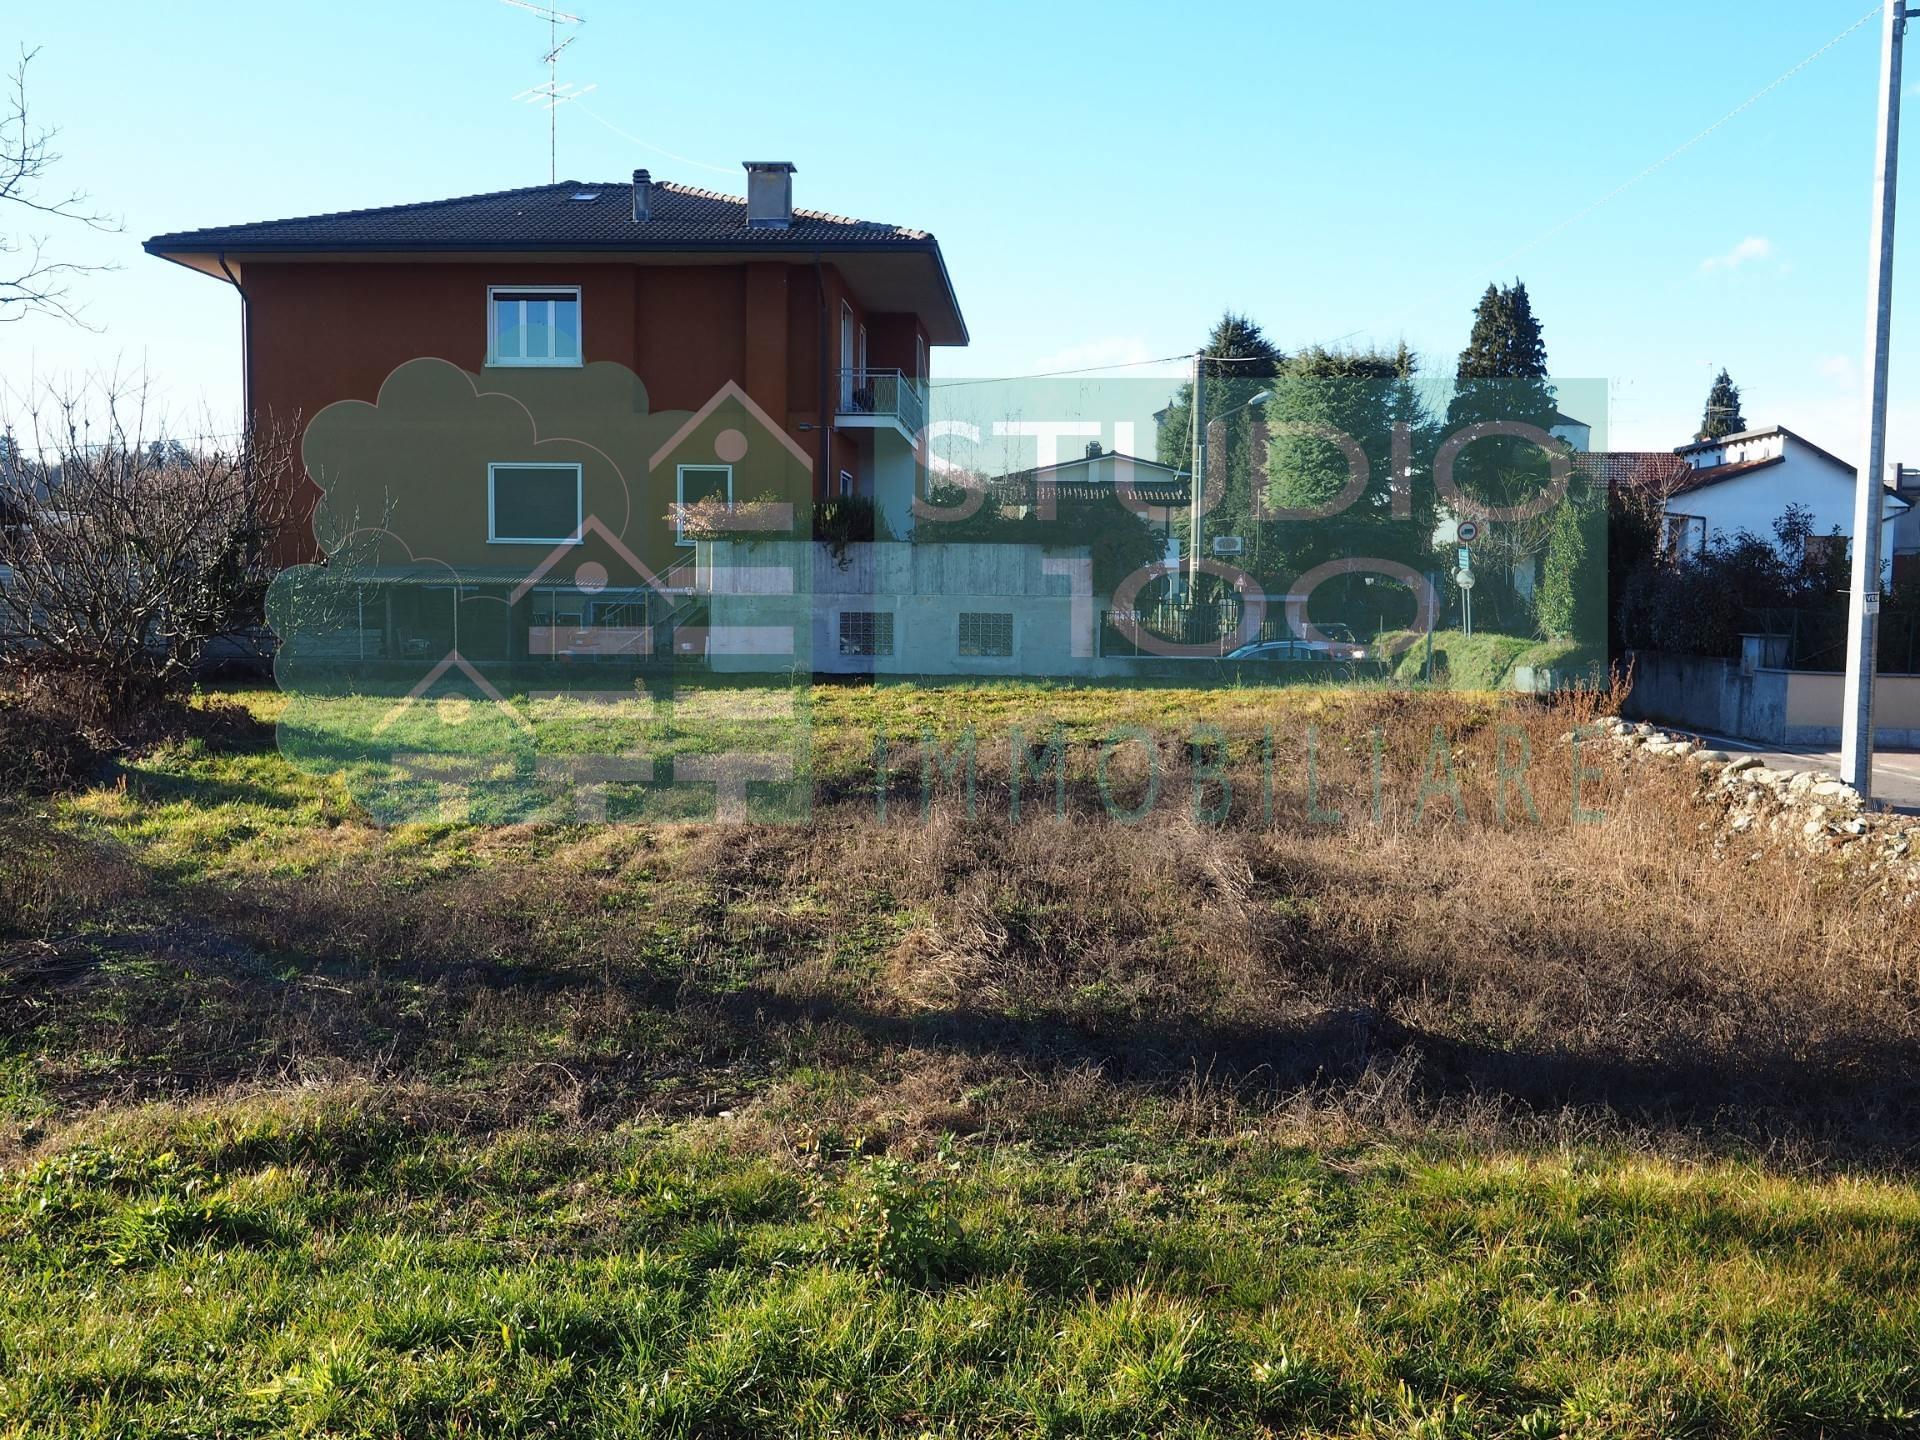 Terreno Edificabile Residenziale in vendita a Somma Lombardo, 9999 locali, prezzo € 112.000 | Cambio Casa.it